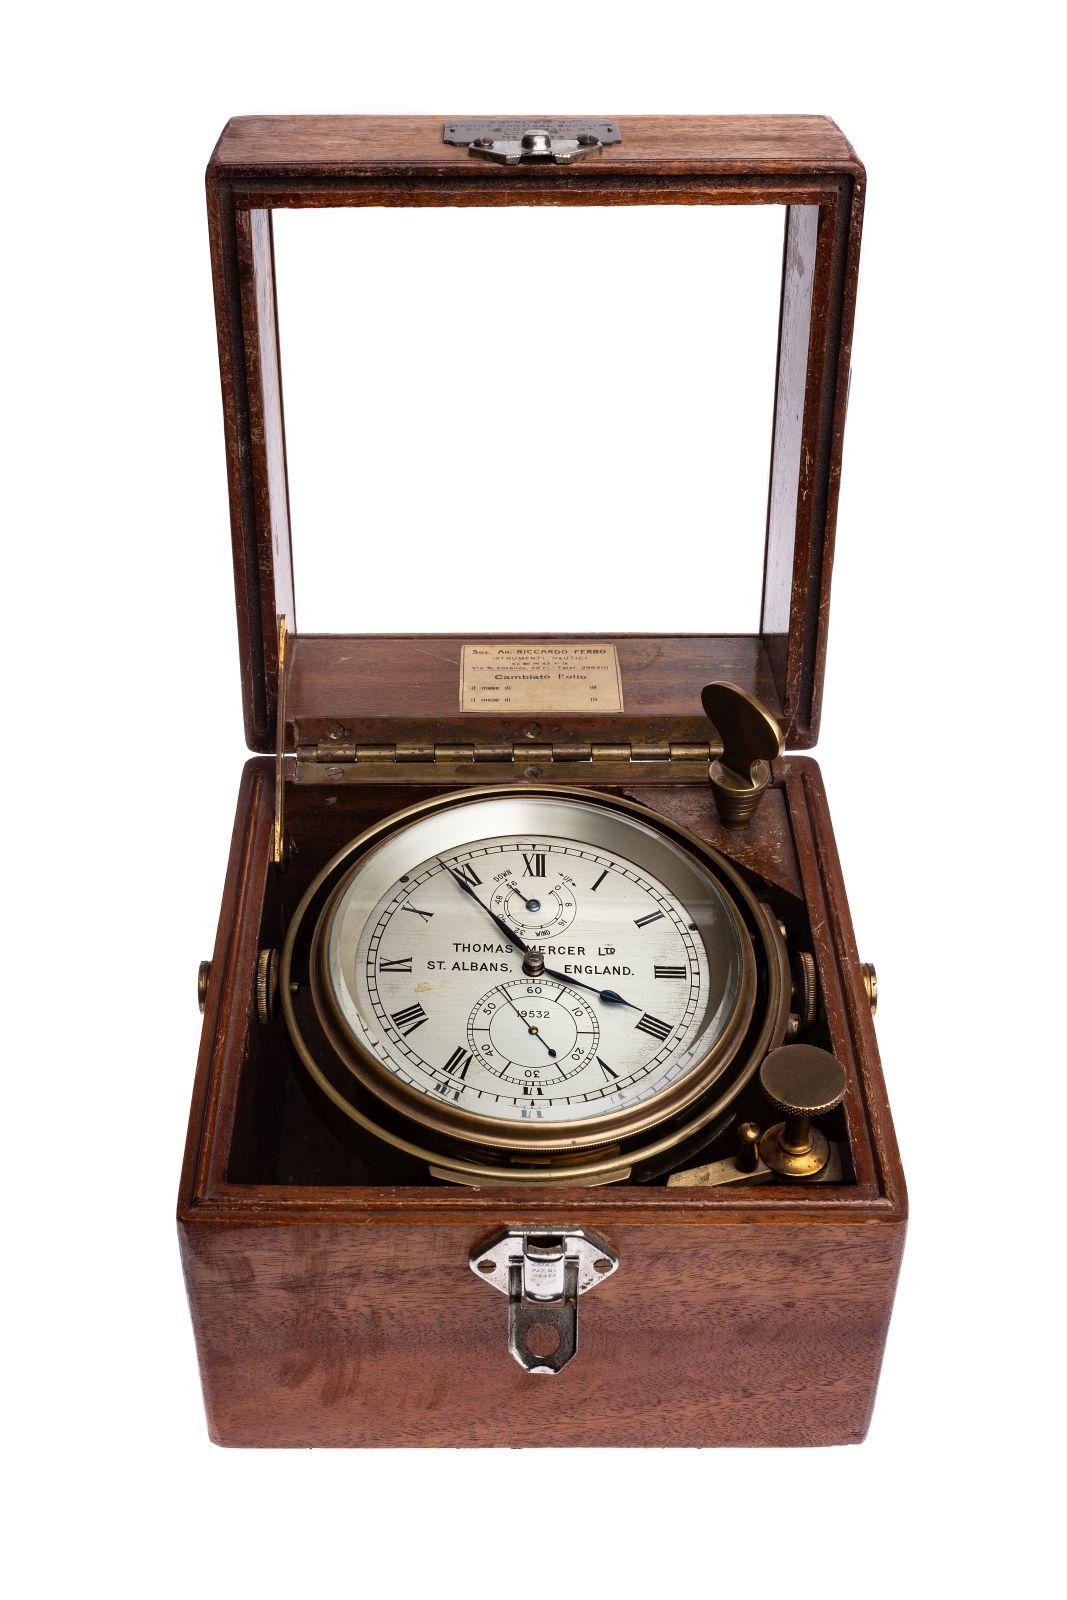 #21 Thomas Mercer Marinechronometer London Image